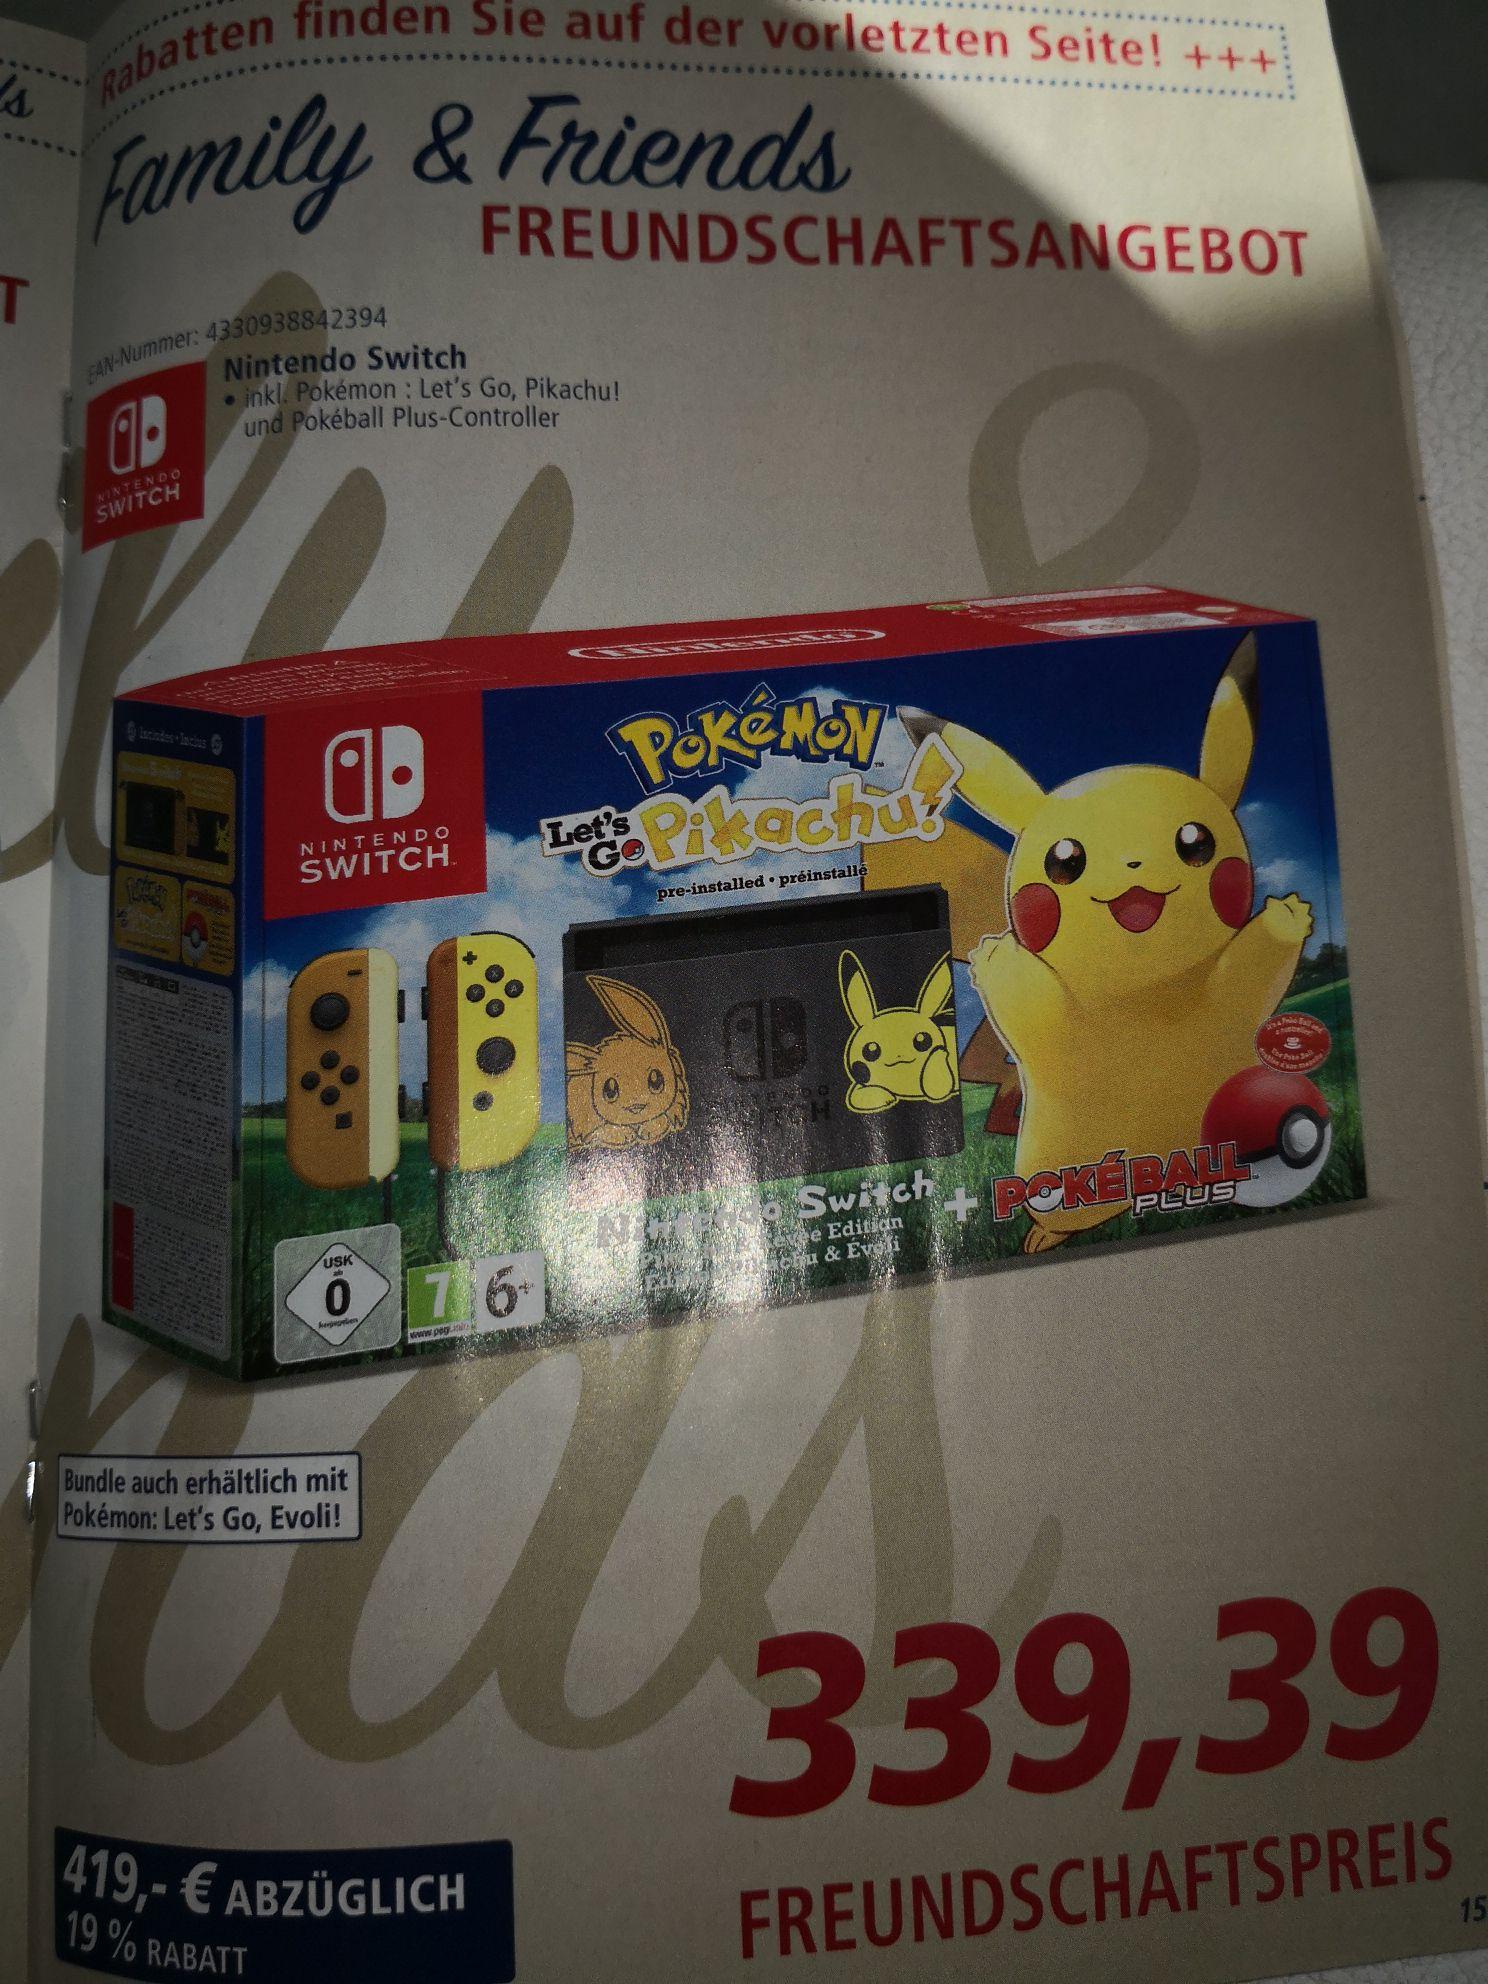 Nintendo Switch Pokémon Edition